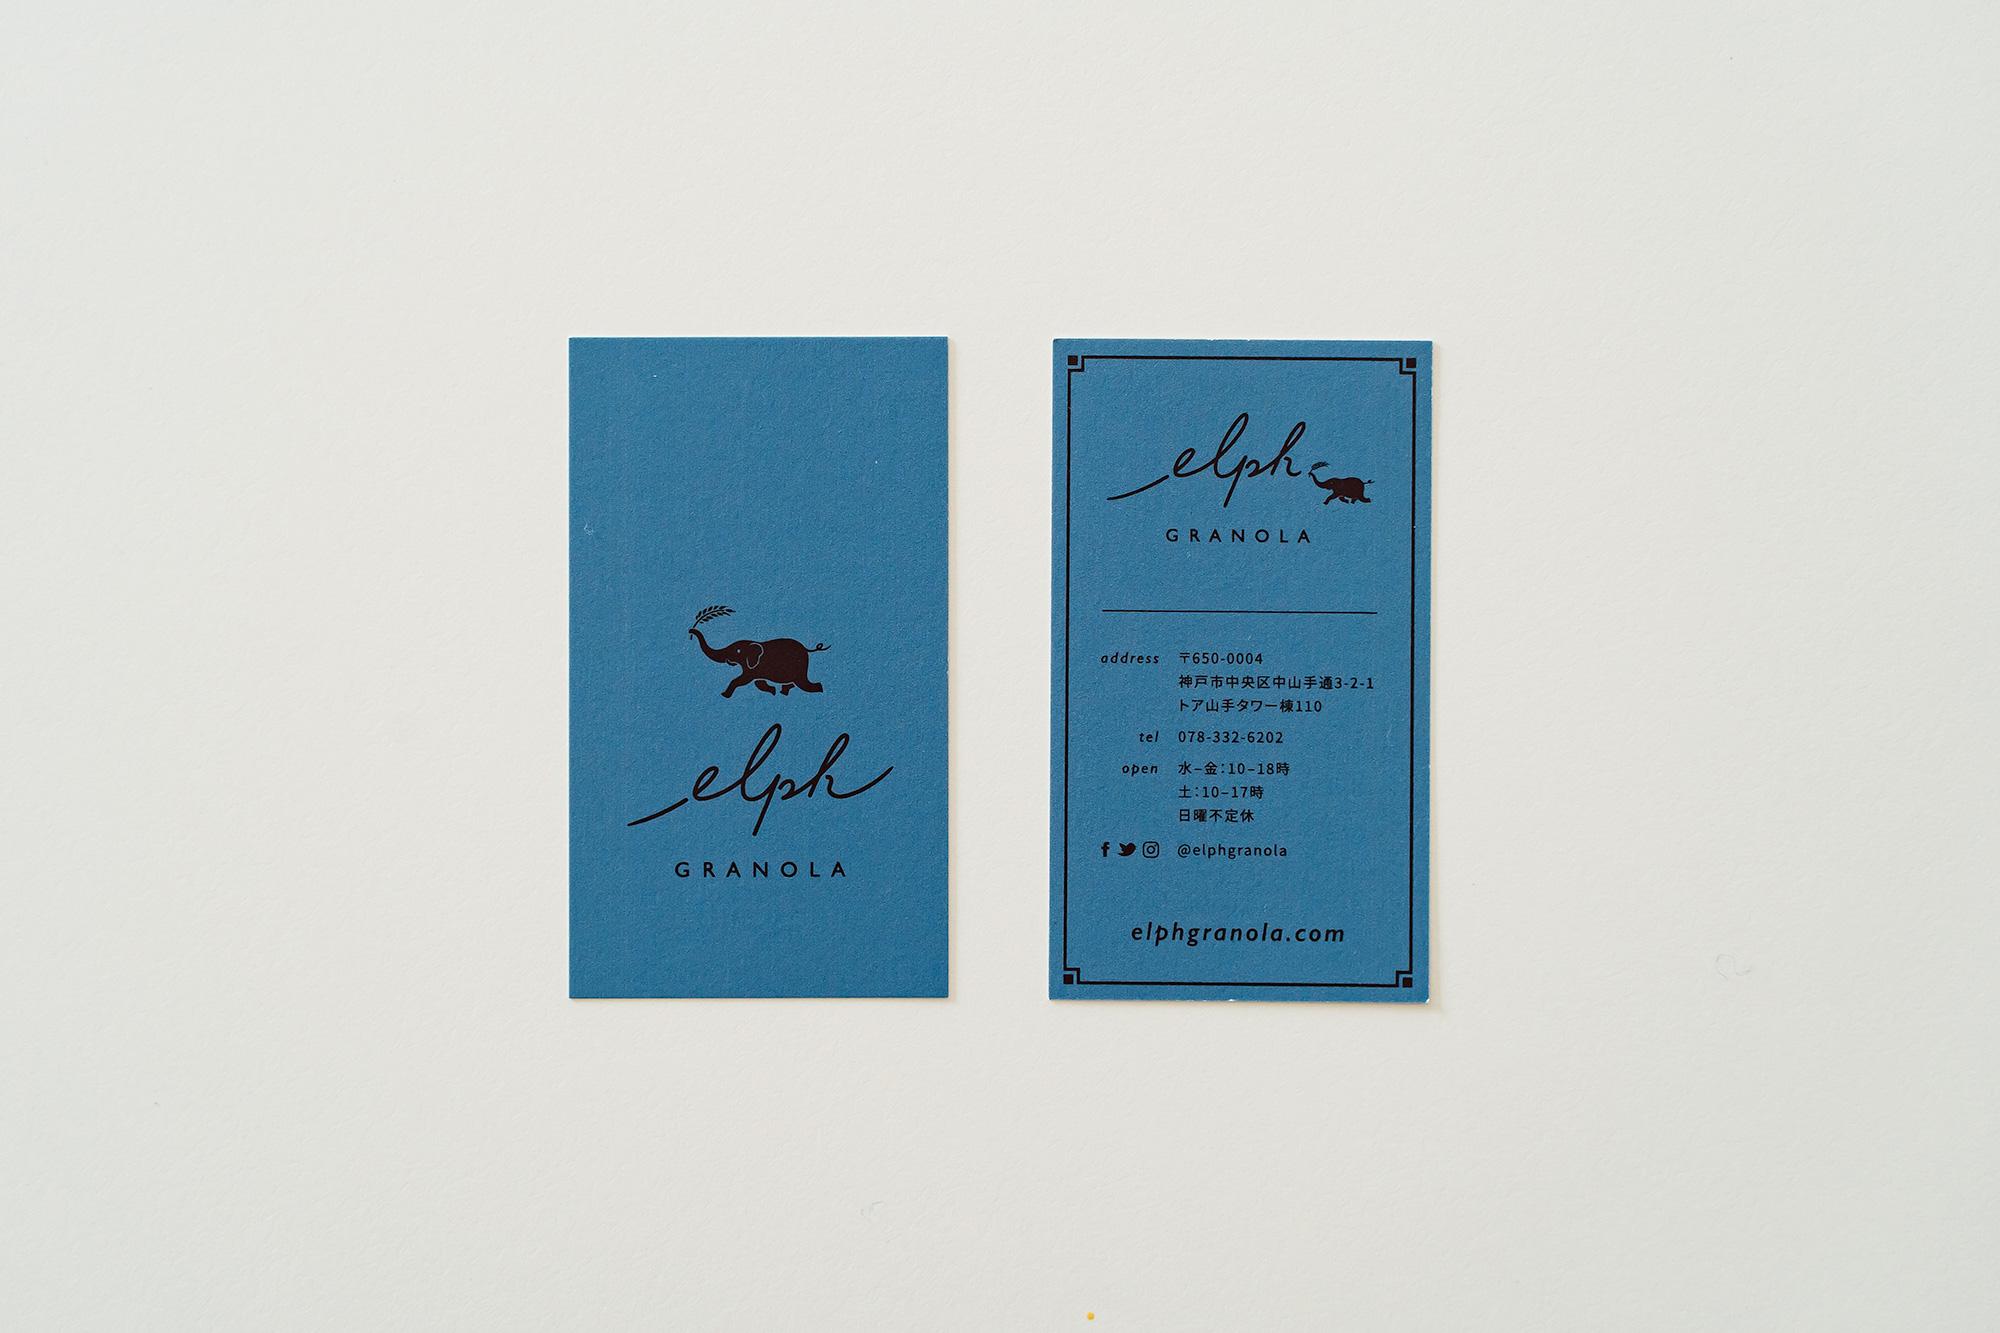 グラノーラ専門店のショップカードデザイン